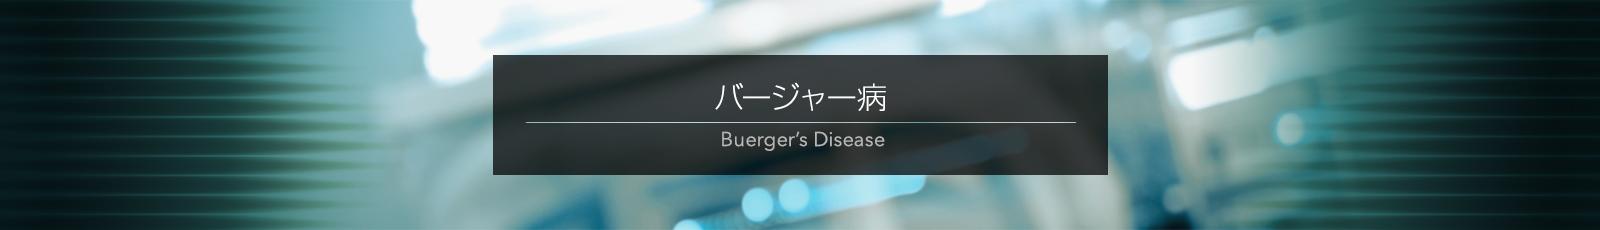 バ ージャー病